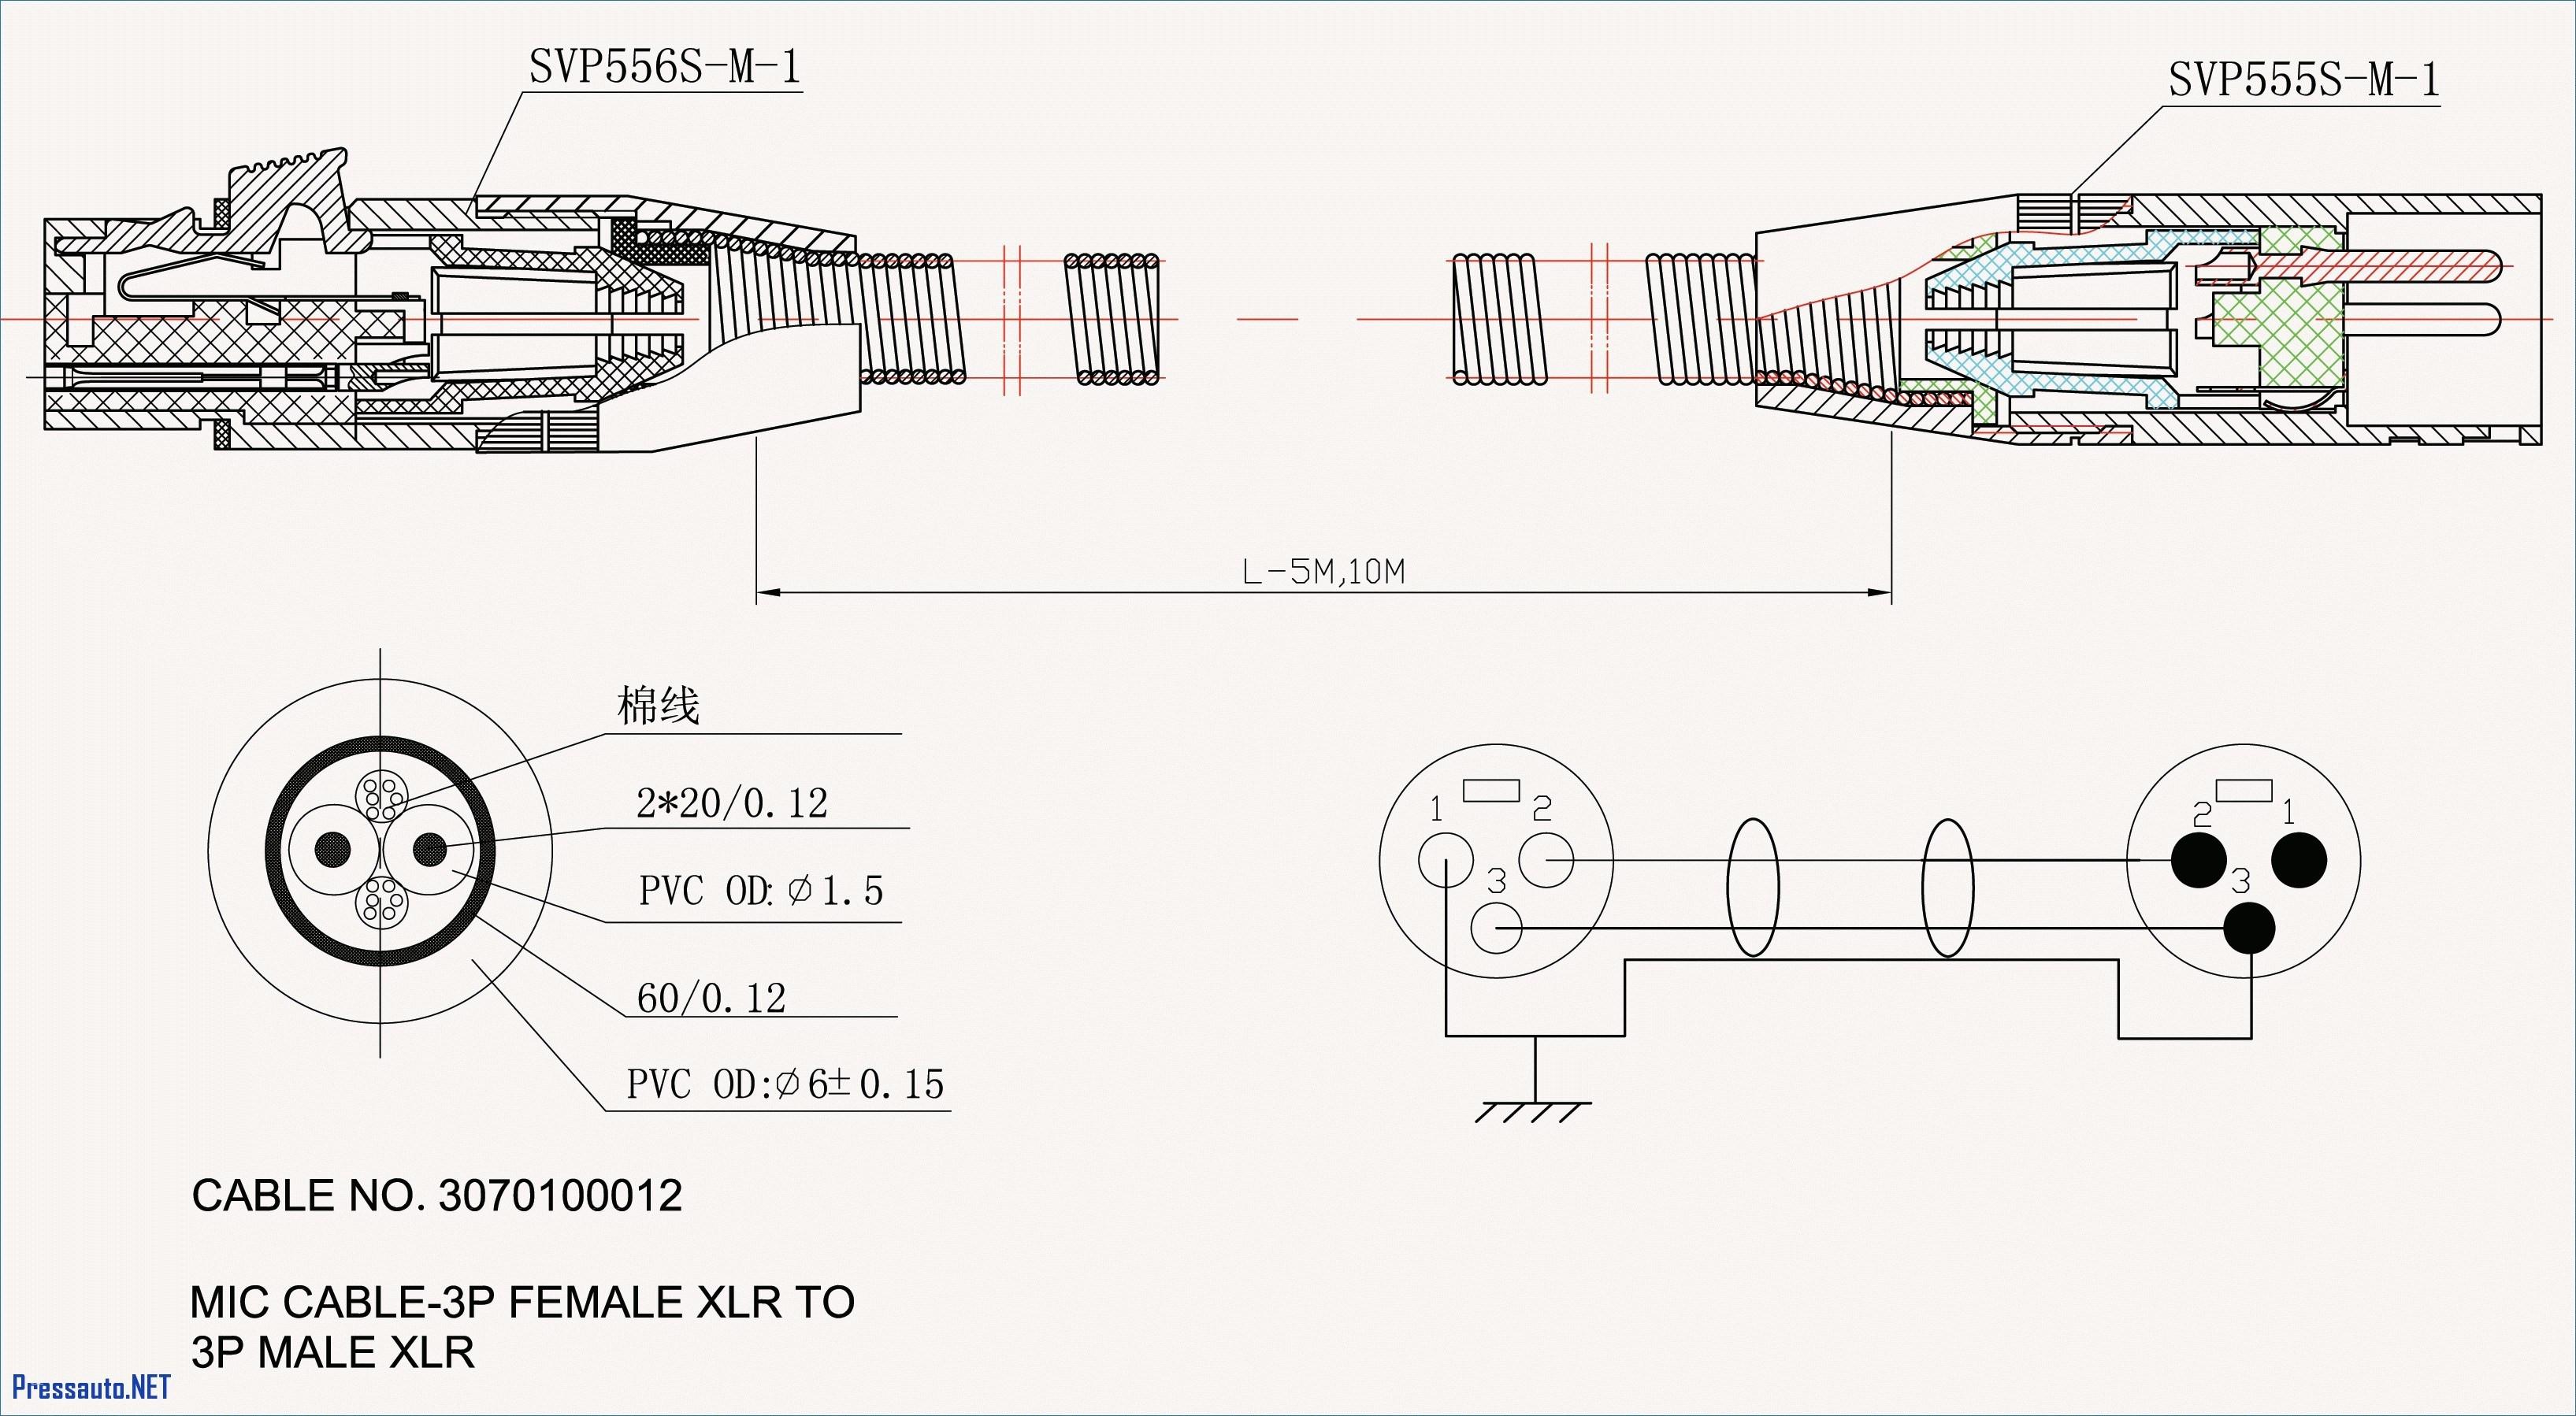 renault laguna headlight wiring diagram guitar wiring diagram archive - wiring diagrams laguna guitar wiring diagram #9